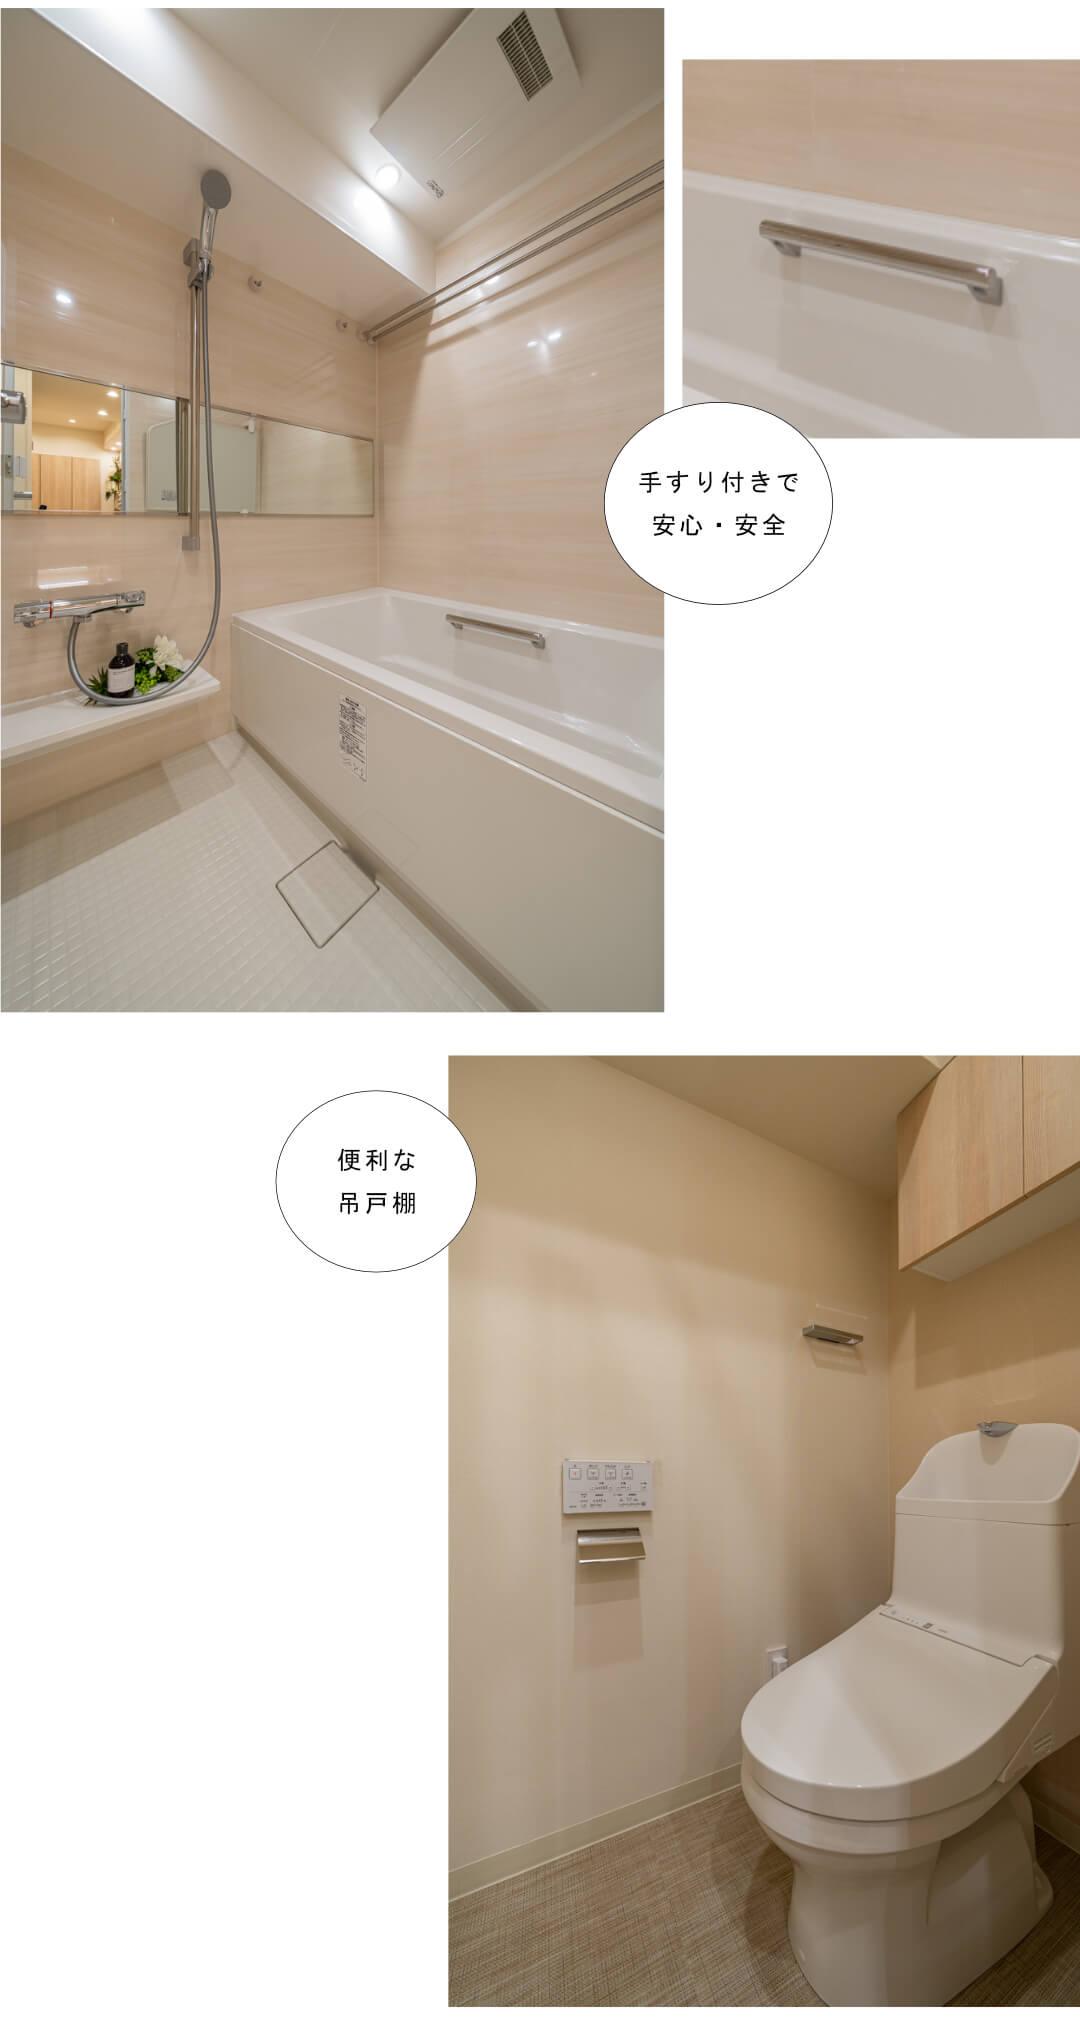 オクトピア湊の浴室・トイレ